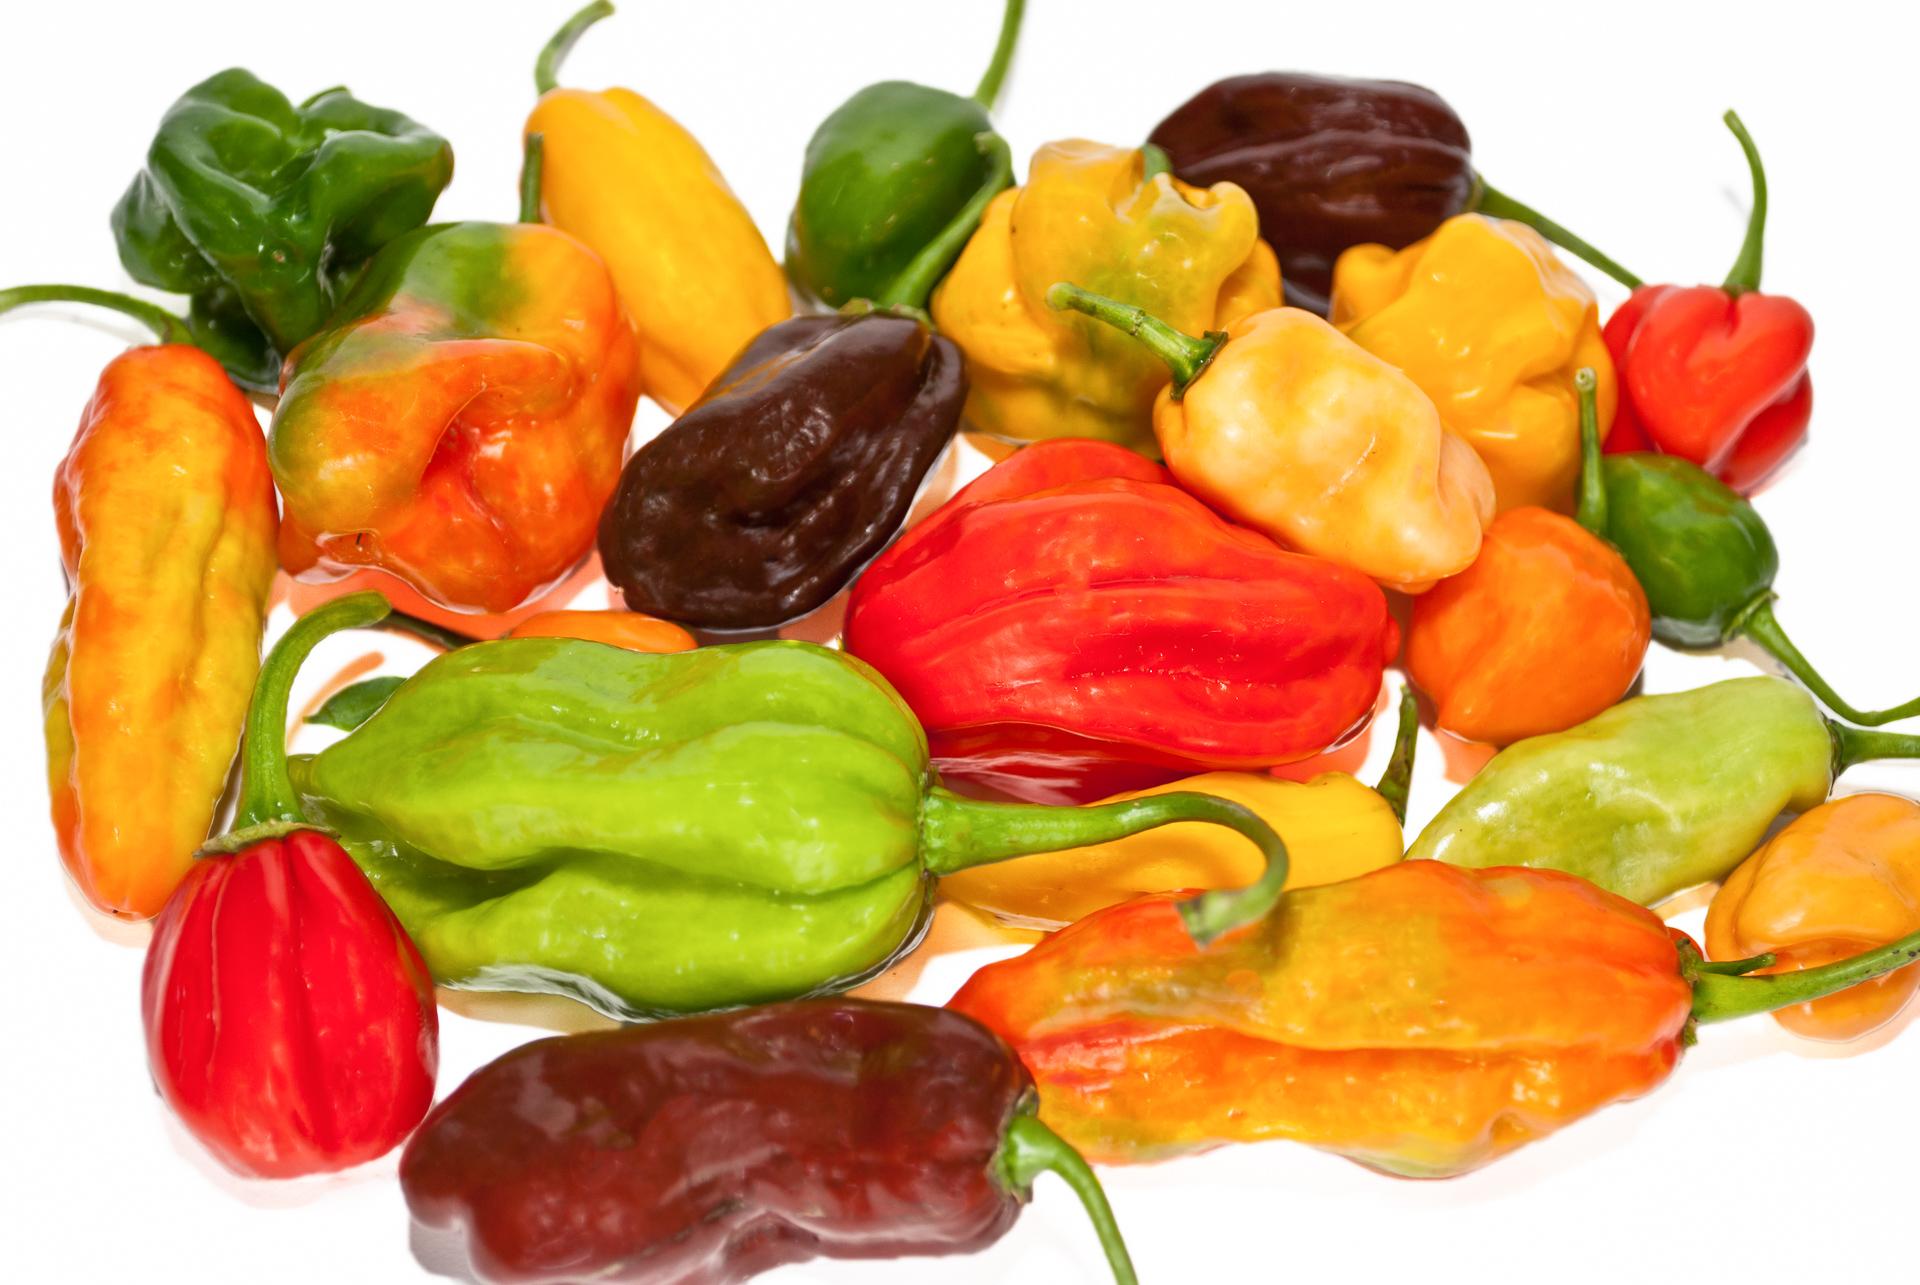 CGN16975 - Capsicum annuum - variedad de chile